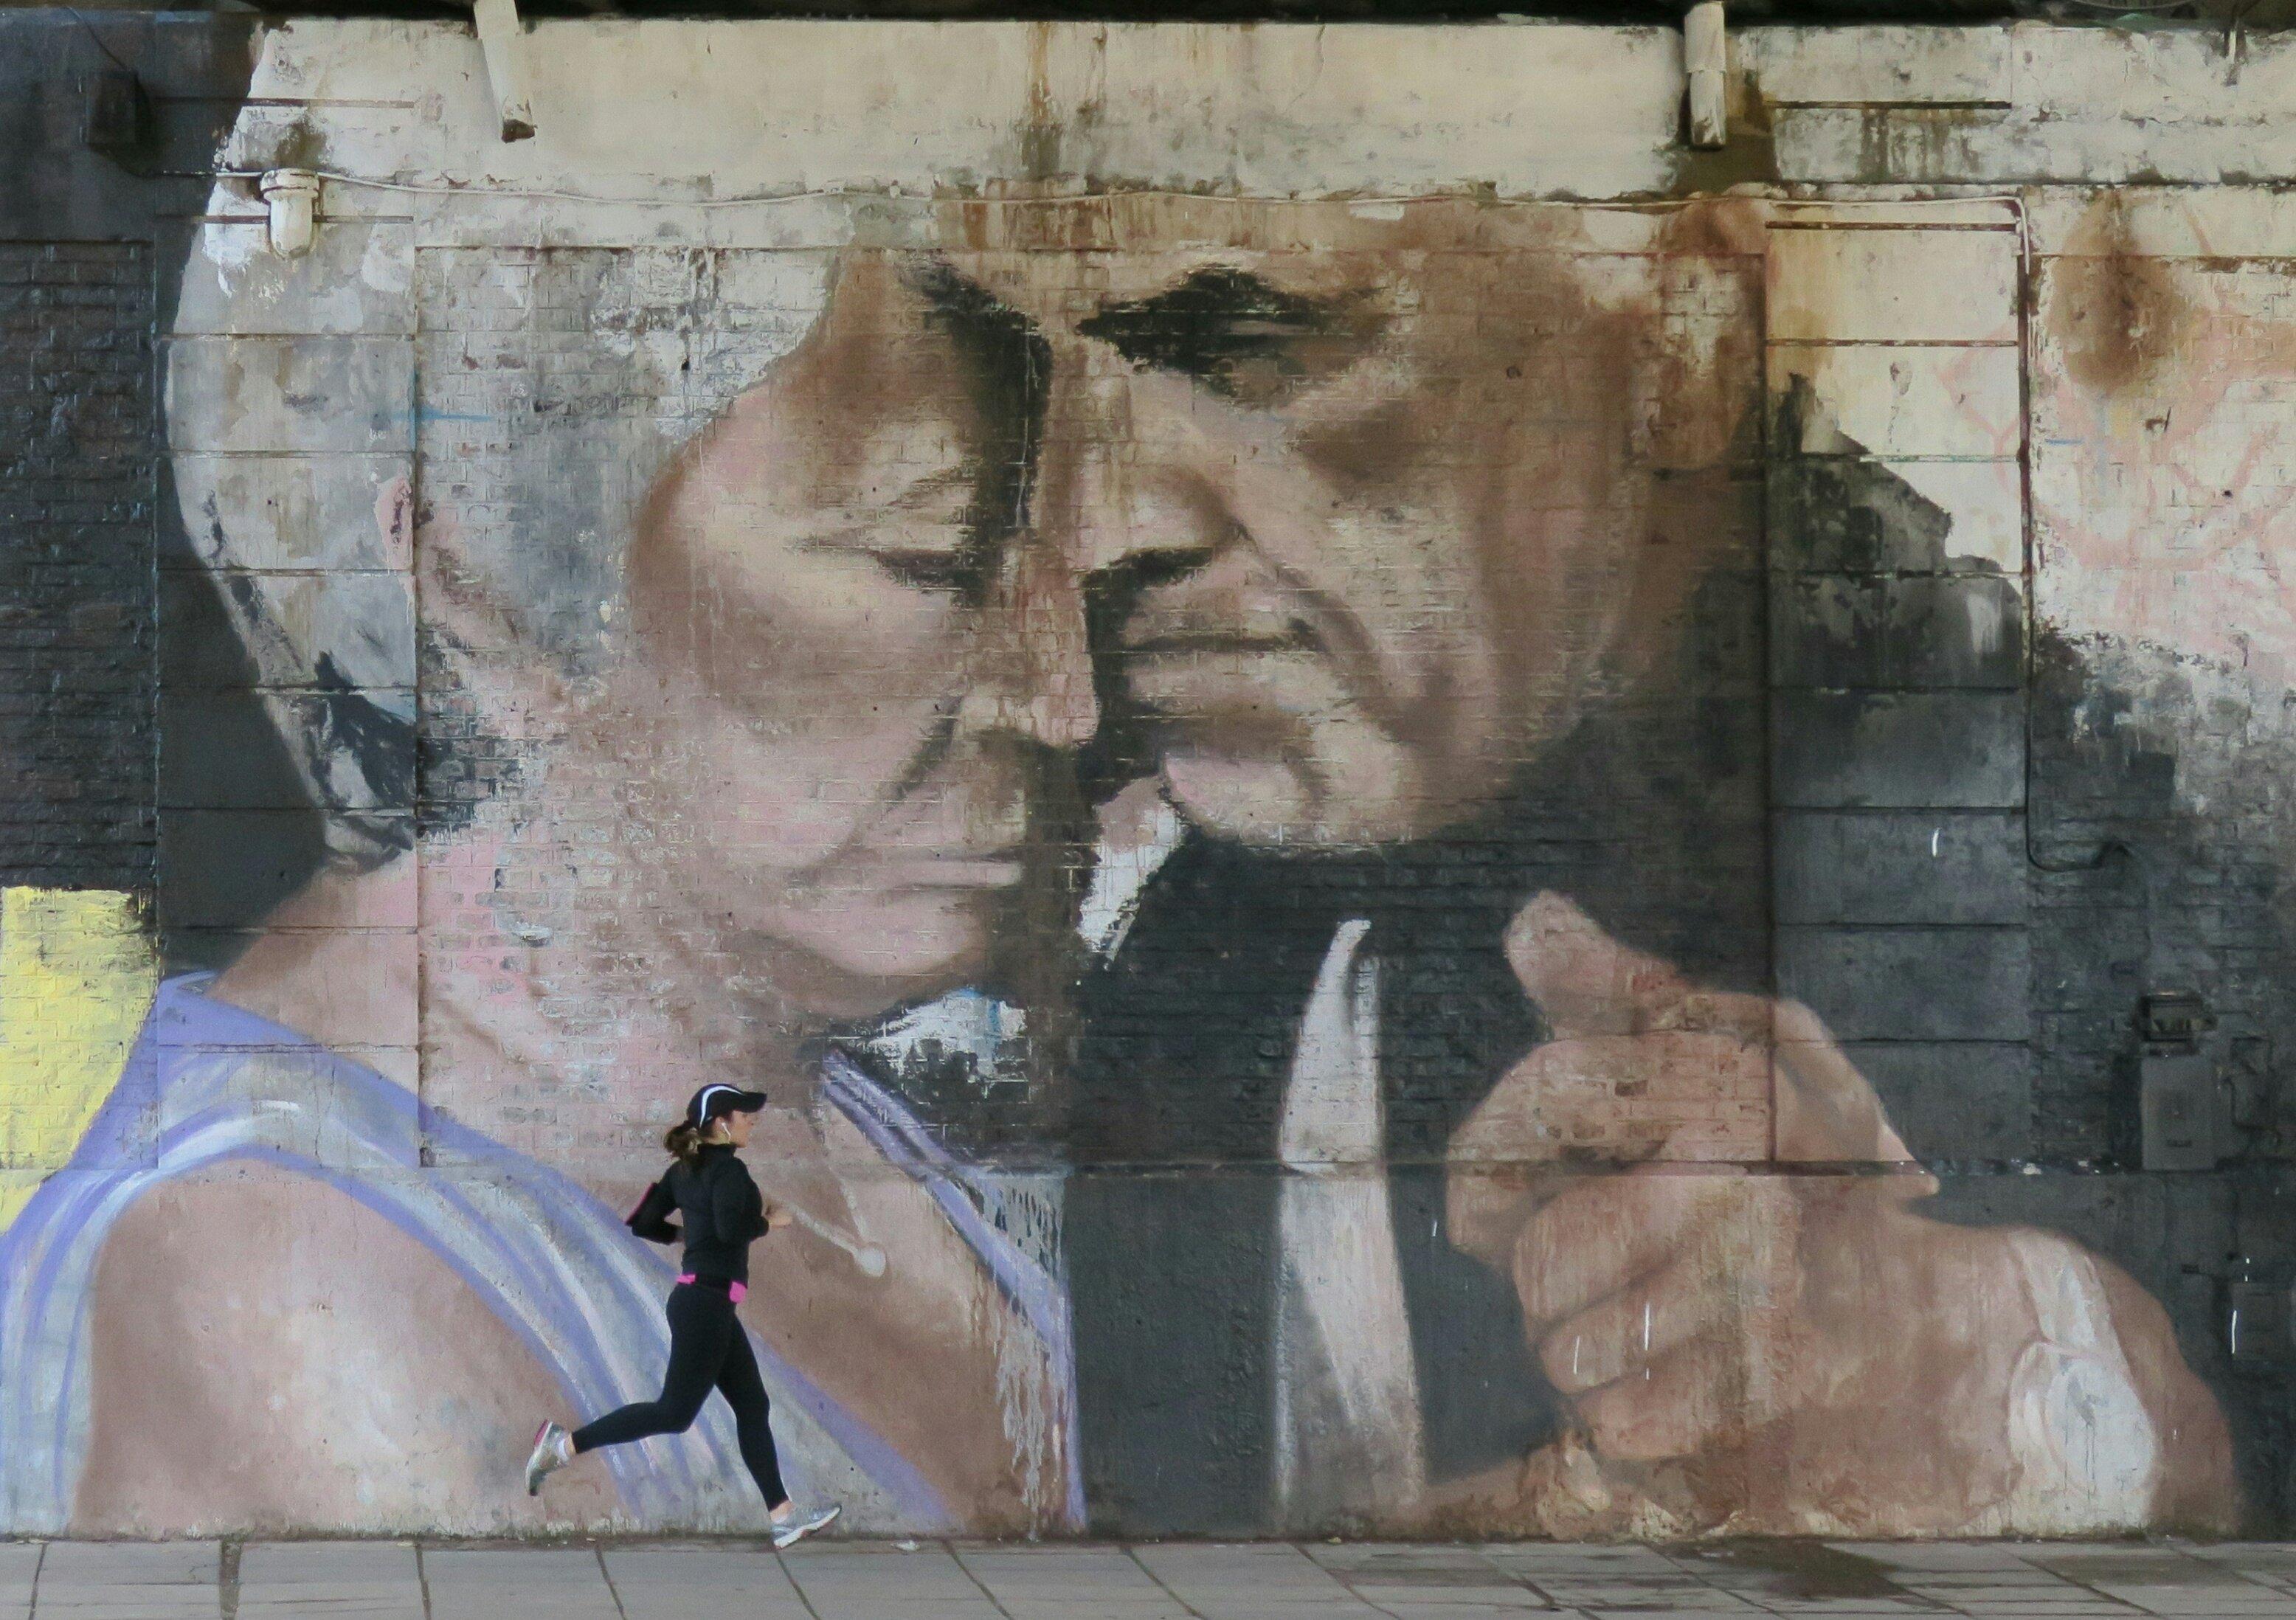 BAS01. BUENOS AIRES (ARGENTINA), 31/07/2016.- Fotografía del 28 de julio de 2016, de una mujer corriendo junto a un fragmento del mural pintado por el artista argentino Alfredo Segatori, en Buenos Aires (Argentina). El bandoneón, la tradicional milonga, Carlos Gardel, la pasión en el tango y su vínculo con las carreras de caballos componen un mural que ha trasladado el ritmo del 2x4 hasta las mismas paredes de Buenos Aires. Un homenaje producto de los aerosoles del artista argentino Alfredo Segatori. EFE/Irene Valiente